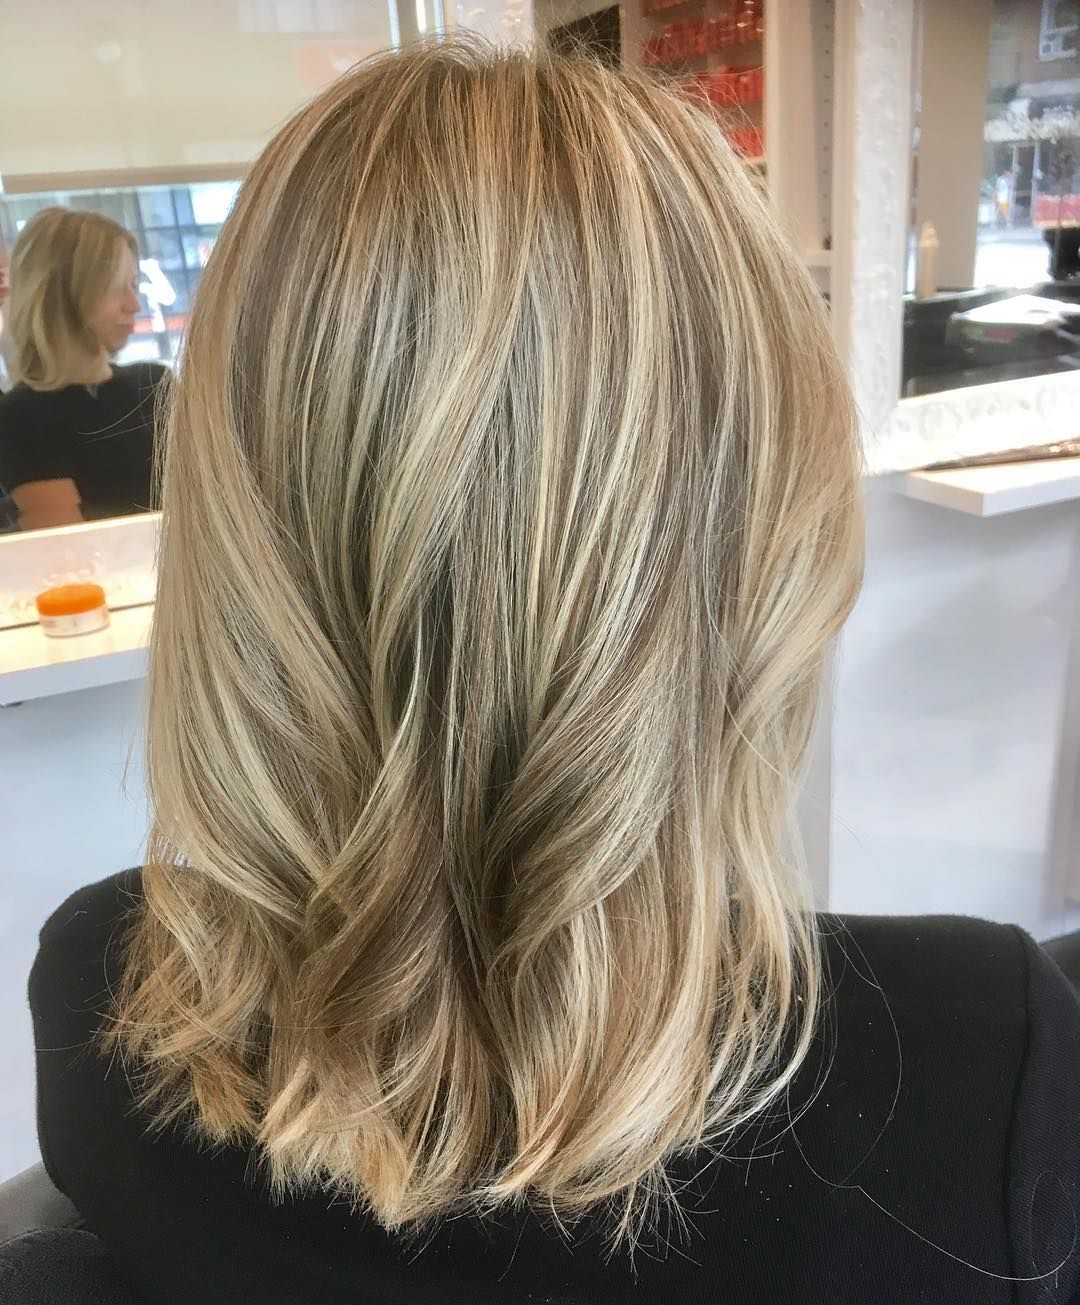 Une Jolie Tete Pour Julie Meches Au Papiers Patine Et Couper Brushing Blondehair Meches Blond Blonde Cheveuxlong Patine Cheveux Cheveux Patine Blond